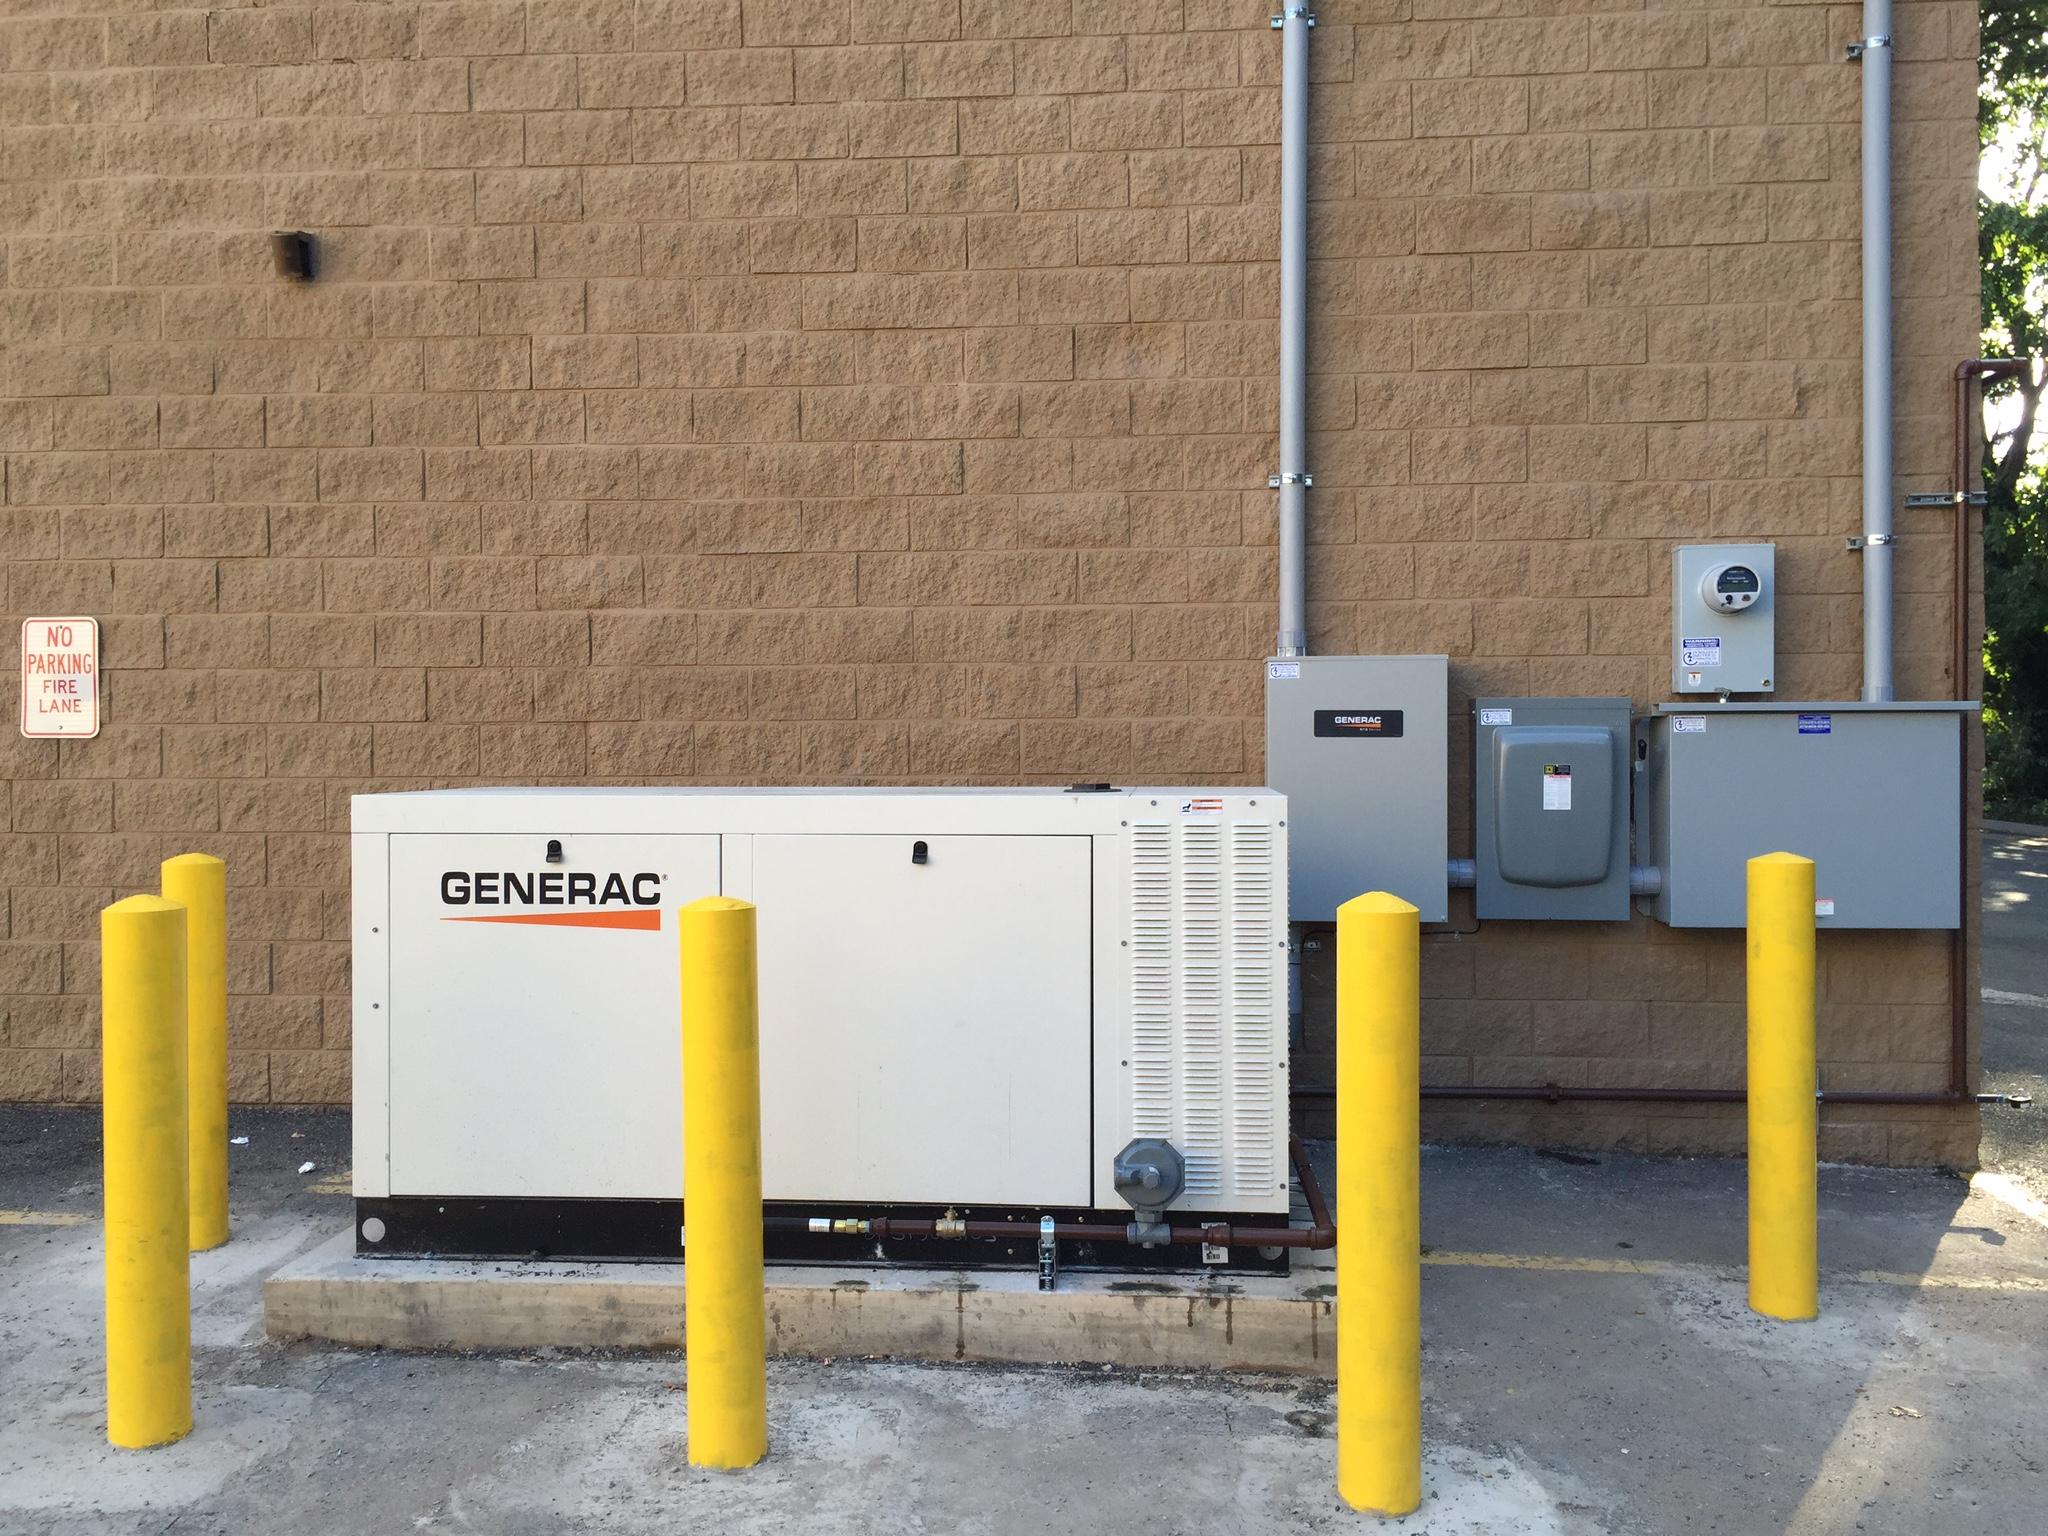 70kw Generac Commercial Generator - Rochelle Park, NJ